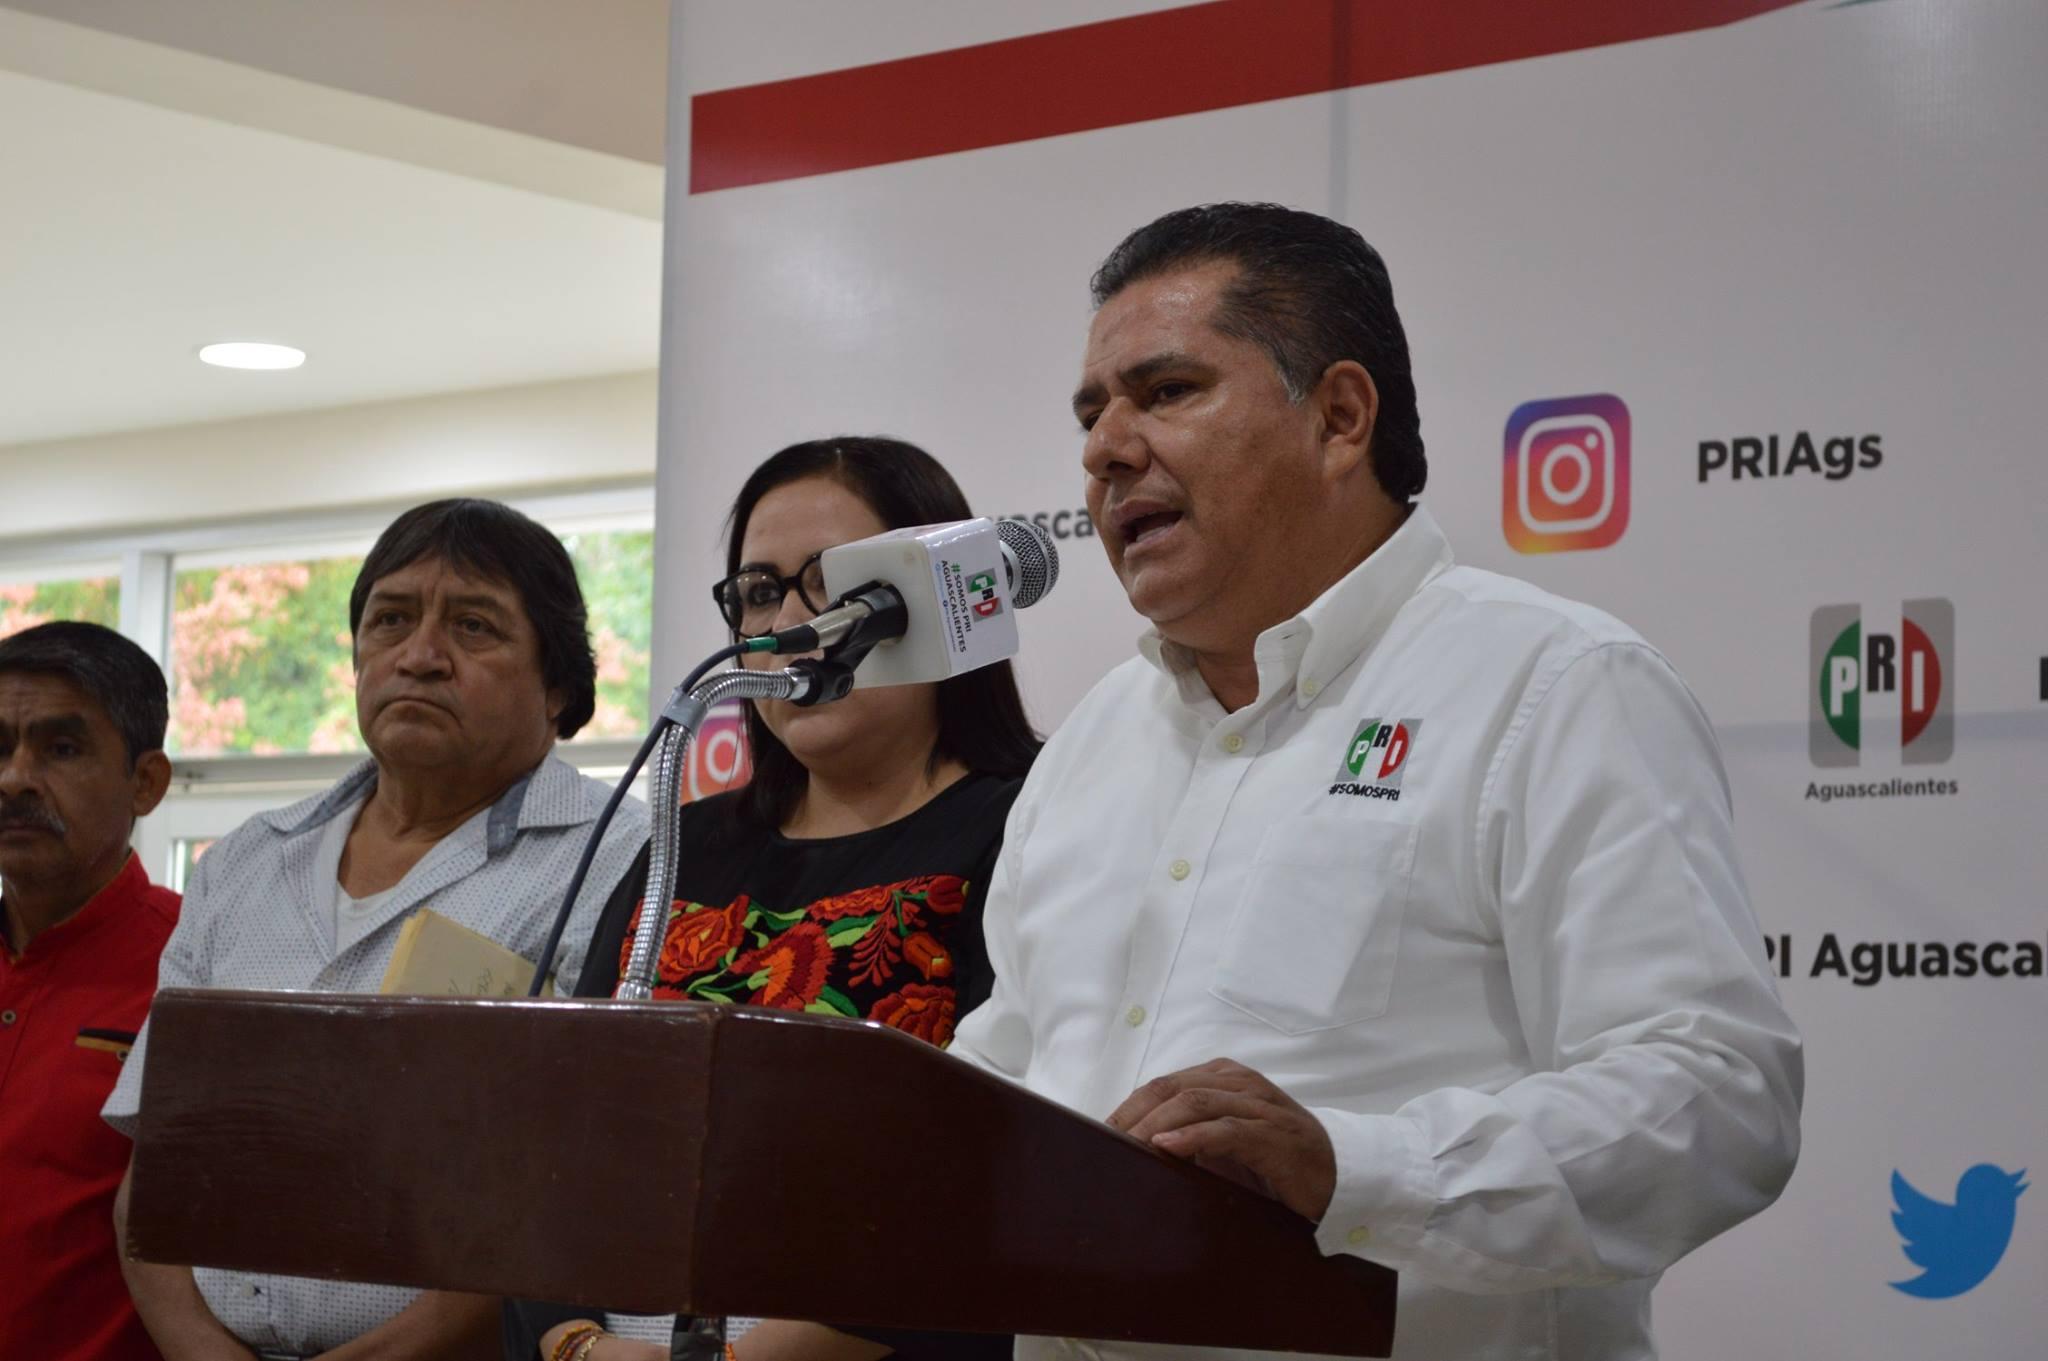 Palabras  Enrique Juárez Ramírez  Presidente del Comité Directivo Estatal del PRI Ags. Rueda de Prensa lan...